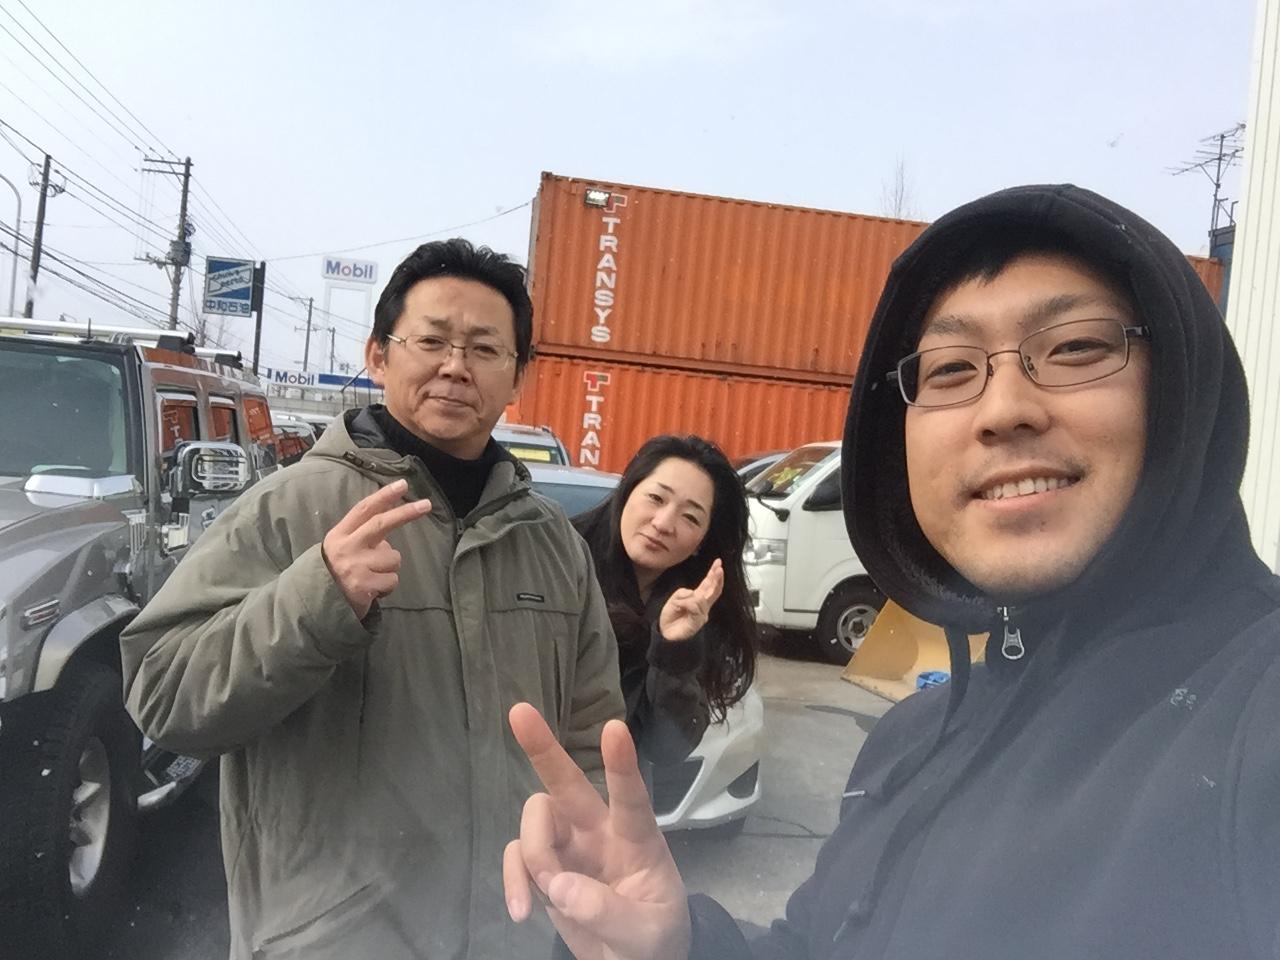 3月13日 日曜日! 店長のニコニコブログ!!_b0127002_1851298.jpg